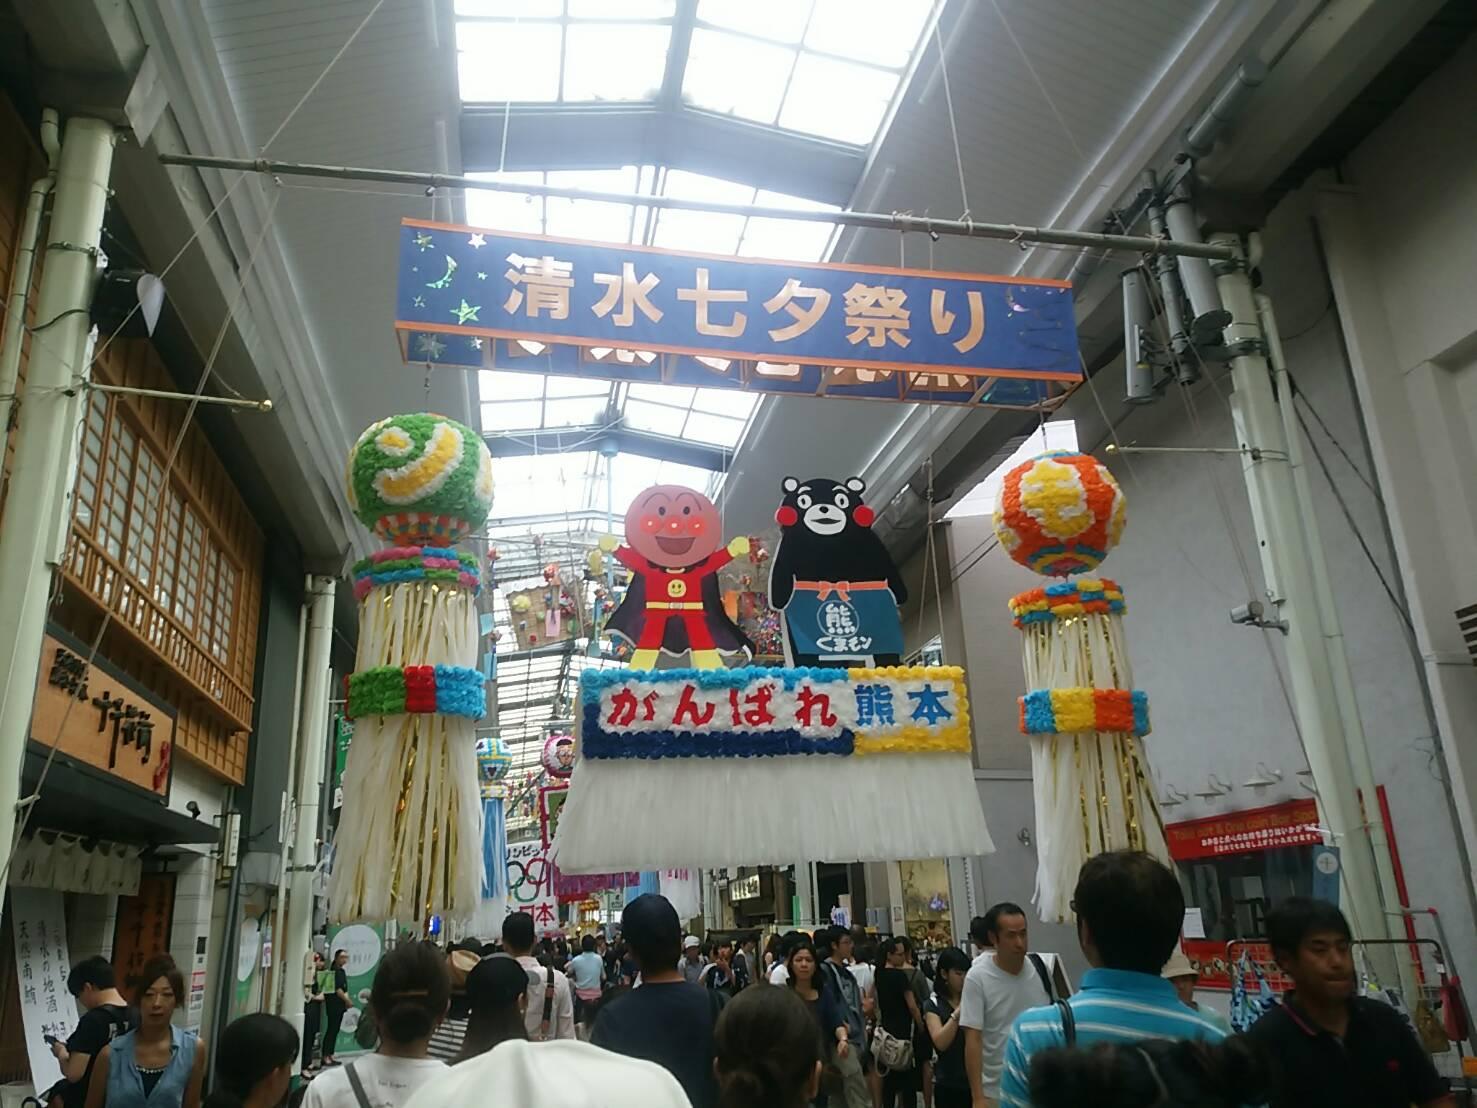 七夕in清水銀座駅前_f0129627_17482230.jpg